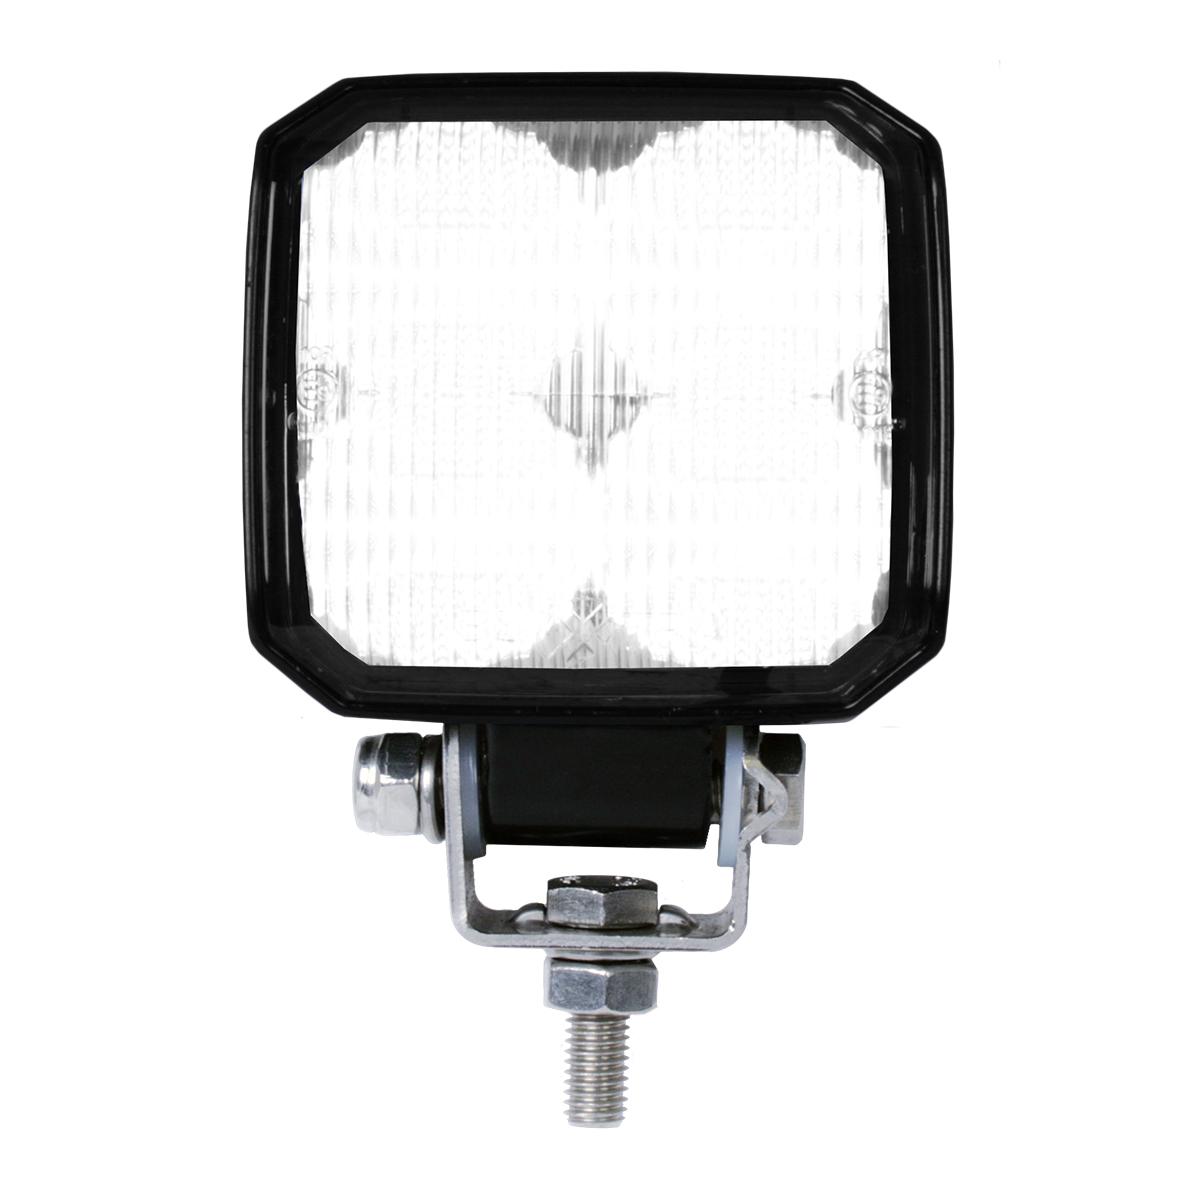 76359 Small High Power LED Flood Light